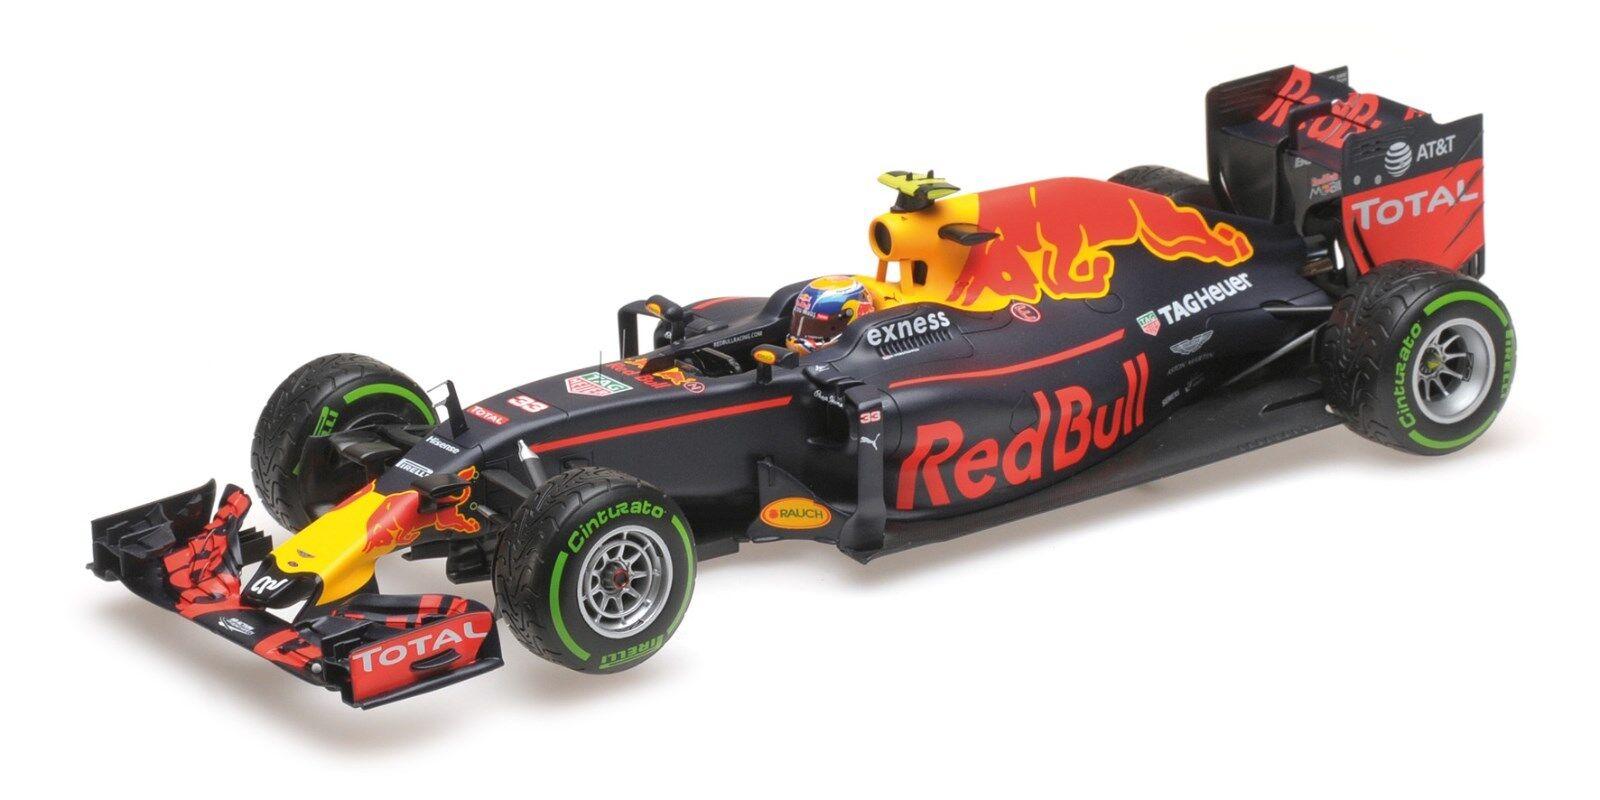 rouge Bull rb12 Verstappen 3rd Place Brazilian GP 2016 L. E. 750 117161233 1 18 new